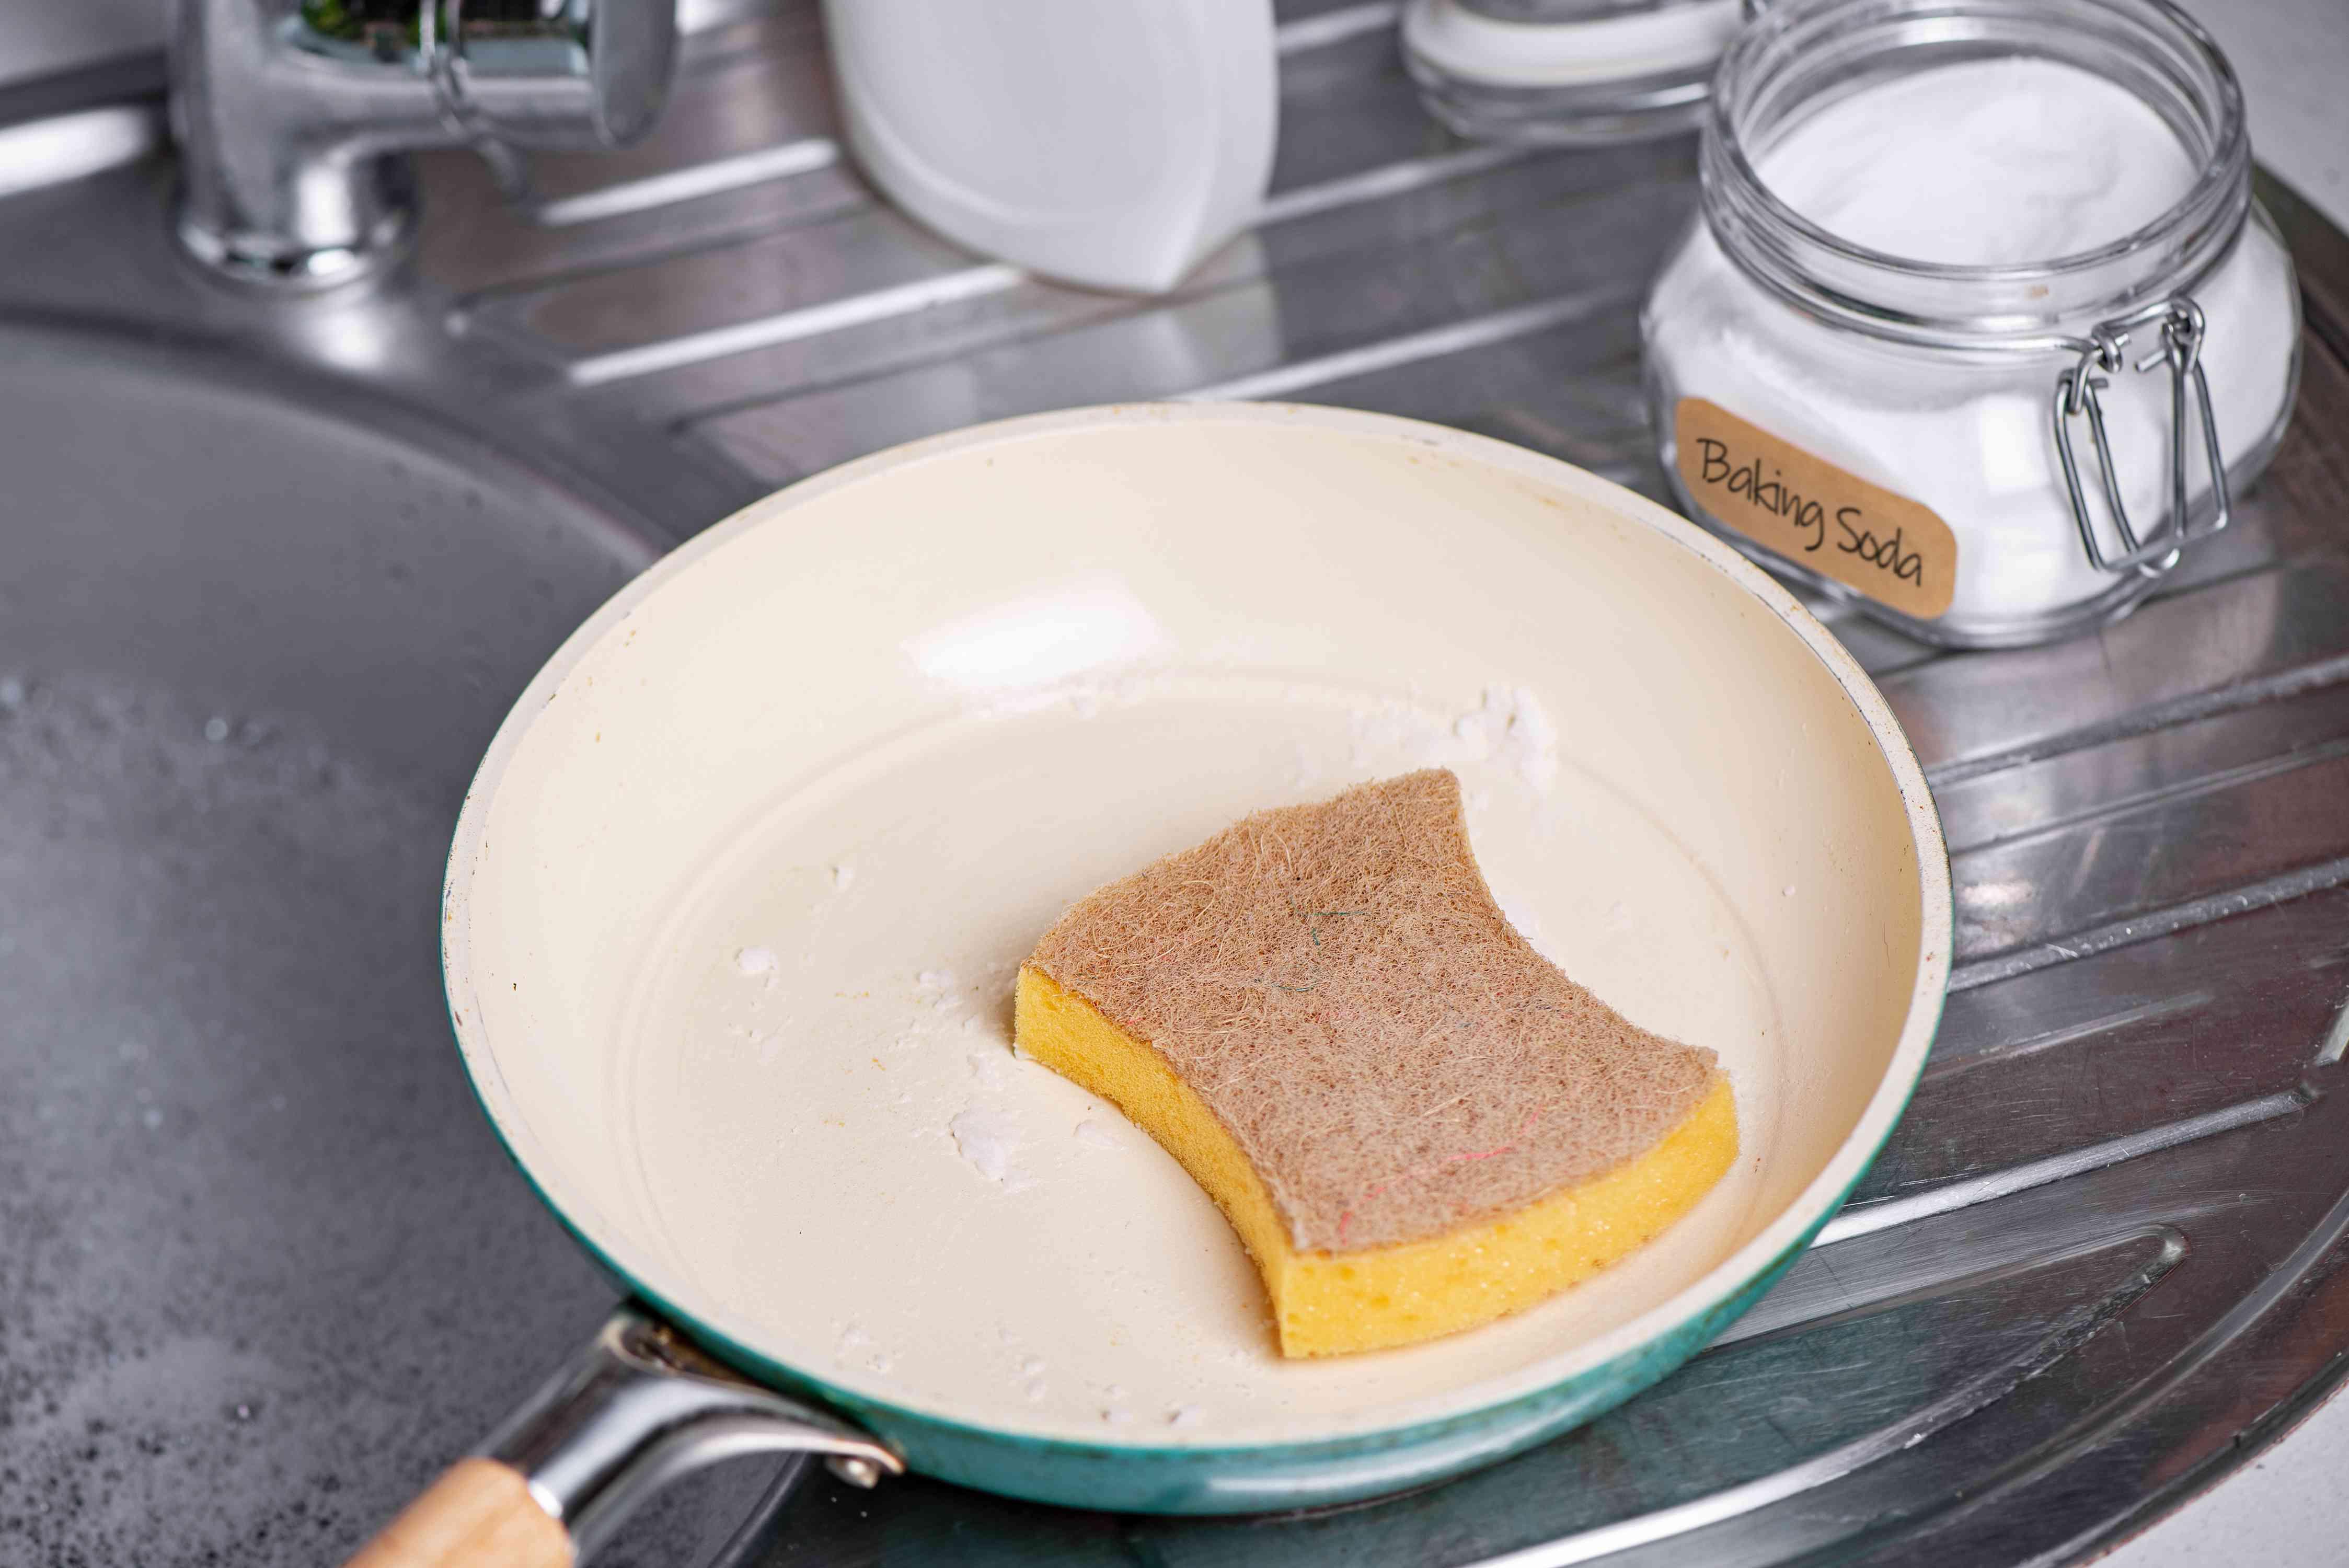 using baking soda to scrub a ceramic pan